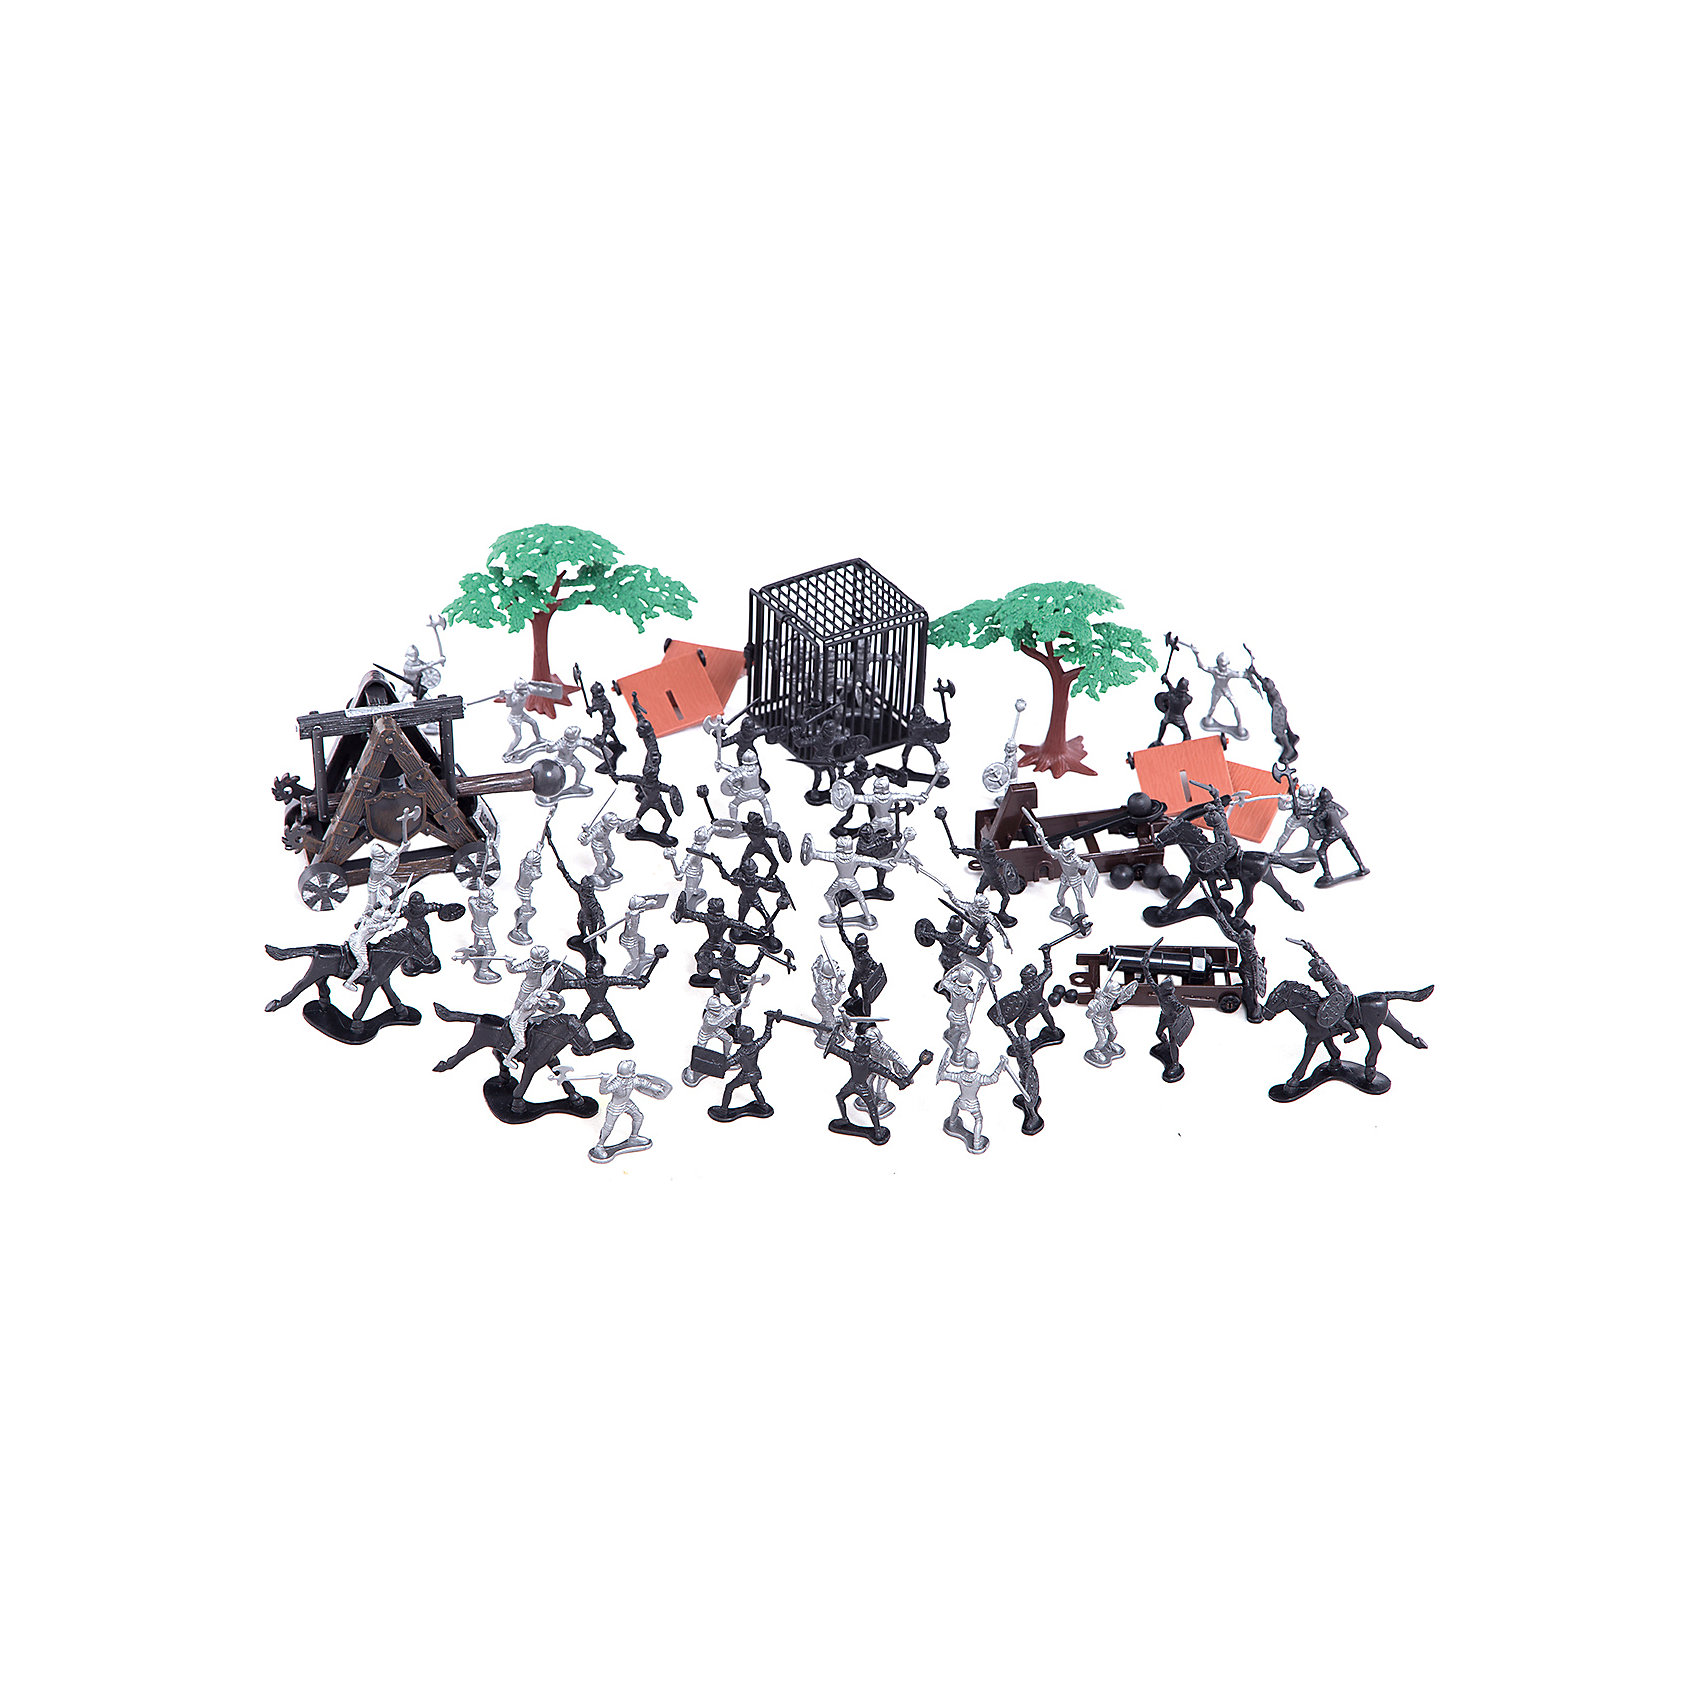 Рыцарский набор, Toy MajorРыцарский набор, Toy Major – этот игровой набор обязательно увлечет вашего ребенка.<br>Рыцарский набор обязательно понравится любому мальчику, который любит истории о средневековых турнирах и отважных воинах. В наборе две рыцарских армии. Рыцари вооружены мечами, булавами, топорами, а также специальным оборудованием для длительной осады. Некоторые рыцари - на лошадях. Храбрые войны в случае нападения врага могут укрыться за деревьями или щитами. А когда враг будет взят в плен, его можно бросить в клетку. С набором можно придумать множество историй, которые увлекут вашего мальчика во времена средневековья. Все детали набора хорошо проработаны и максимально натуралистичны. Изготовлено из высококачественного пластика.<br><br>Дополнительная информация:<br><br>- В наборе: 2 отряда рыцарей, аксессуары для игры<br>- Количество элементов: 82<br>- Высота рыцаря: 5 см.<br>- Материал: пластик<br>- Упаковка: пластиковый контейнер<br>- Размер упаковки: 17,5х17,5х22,9 см.<br><br>Рыцарский набор, Toy Major можно купить в нашем интернет-магазине.<br><br>Ширина мм: 220<br>Глубина мм: 170<br>Высота мм: 170<br>Вес г: 1100<br>Возраст от месяцев: 36<br>Возраст до месяцев: 96<br>Пол: Мужской<br>Возраст: Детский<br>SKU: 4747486